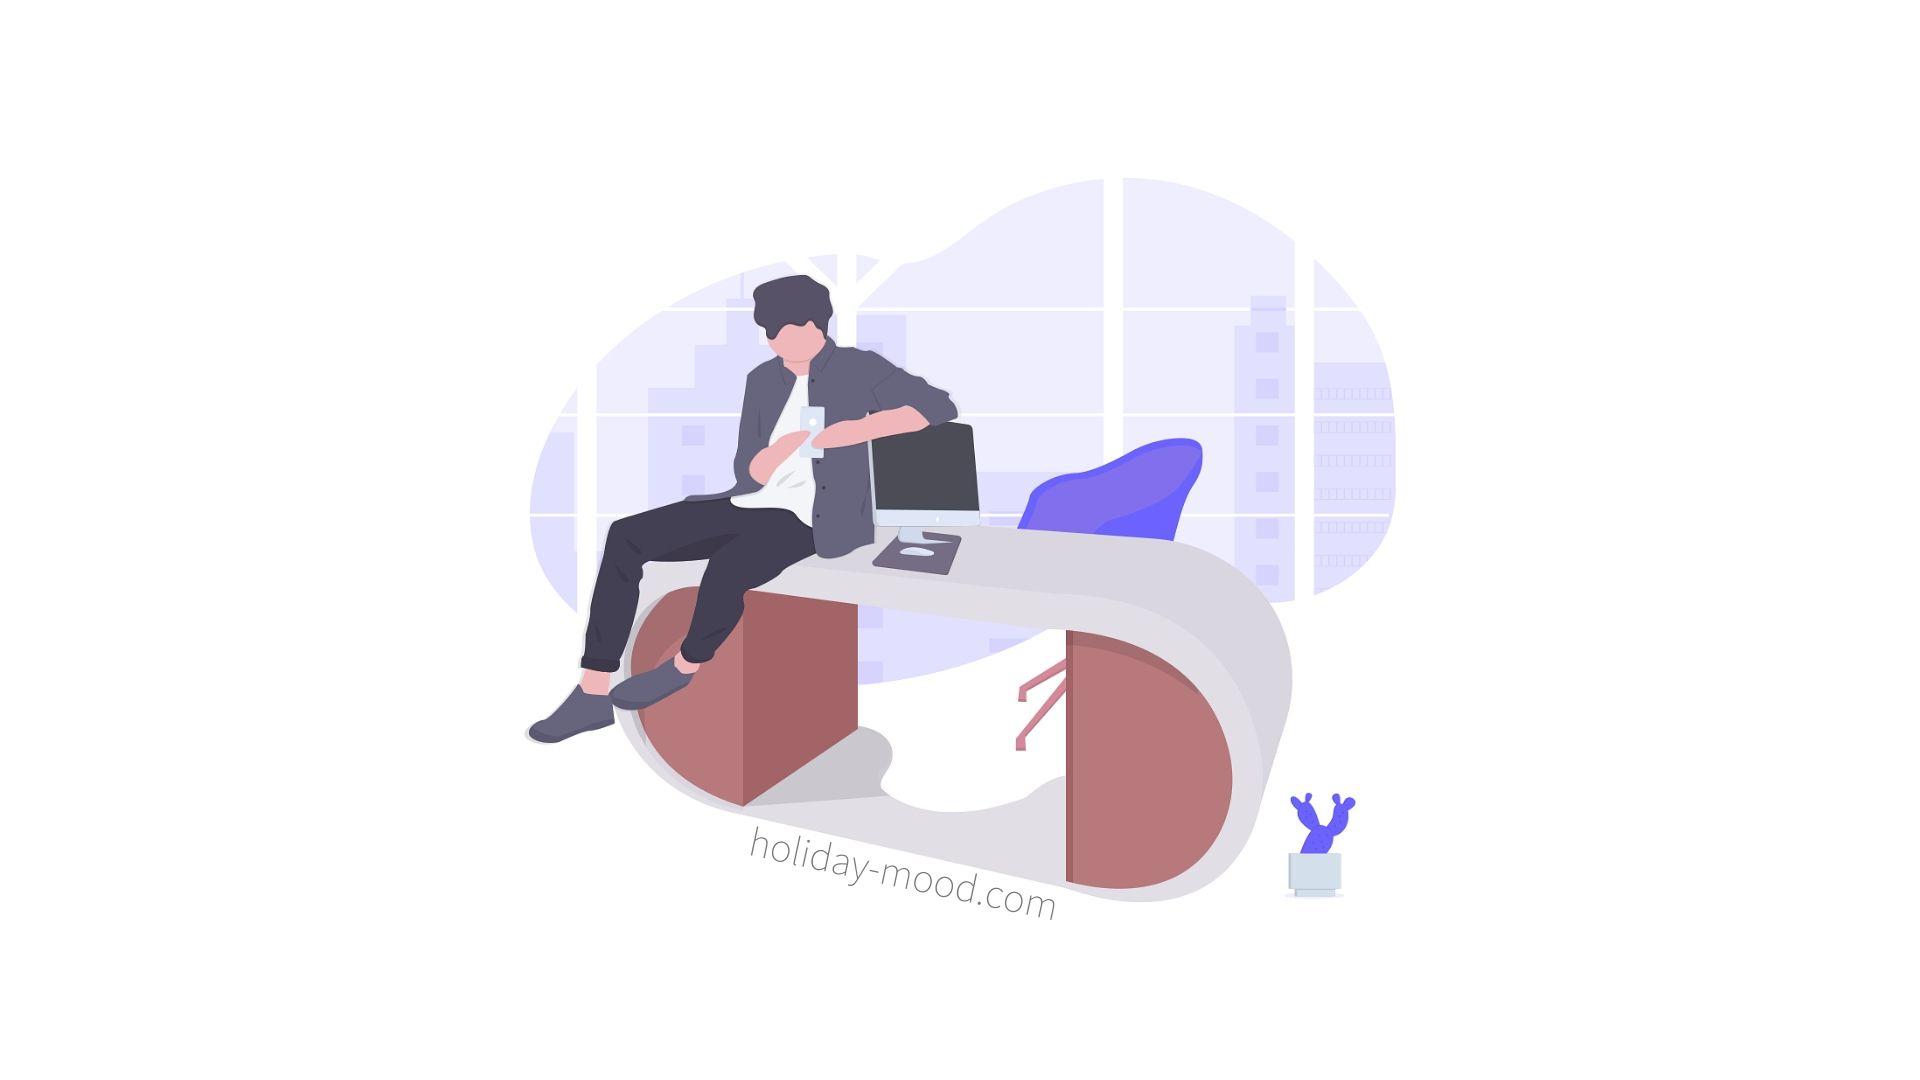 転職1ヶ月の早期退職リスクとストレスと上手に向き合う方法